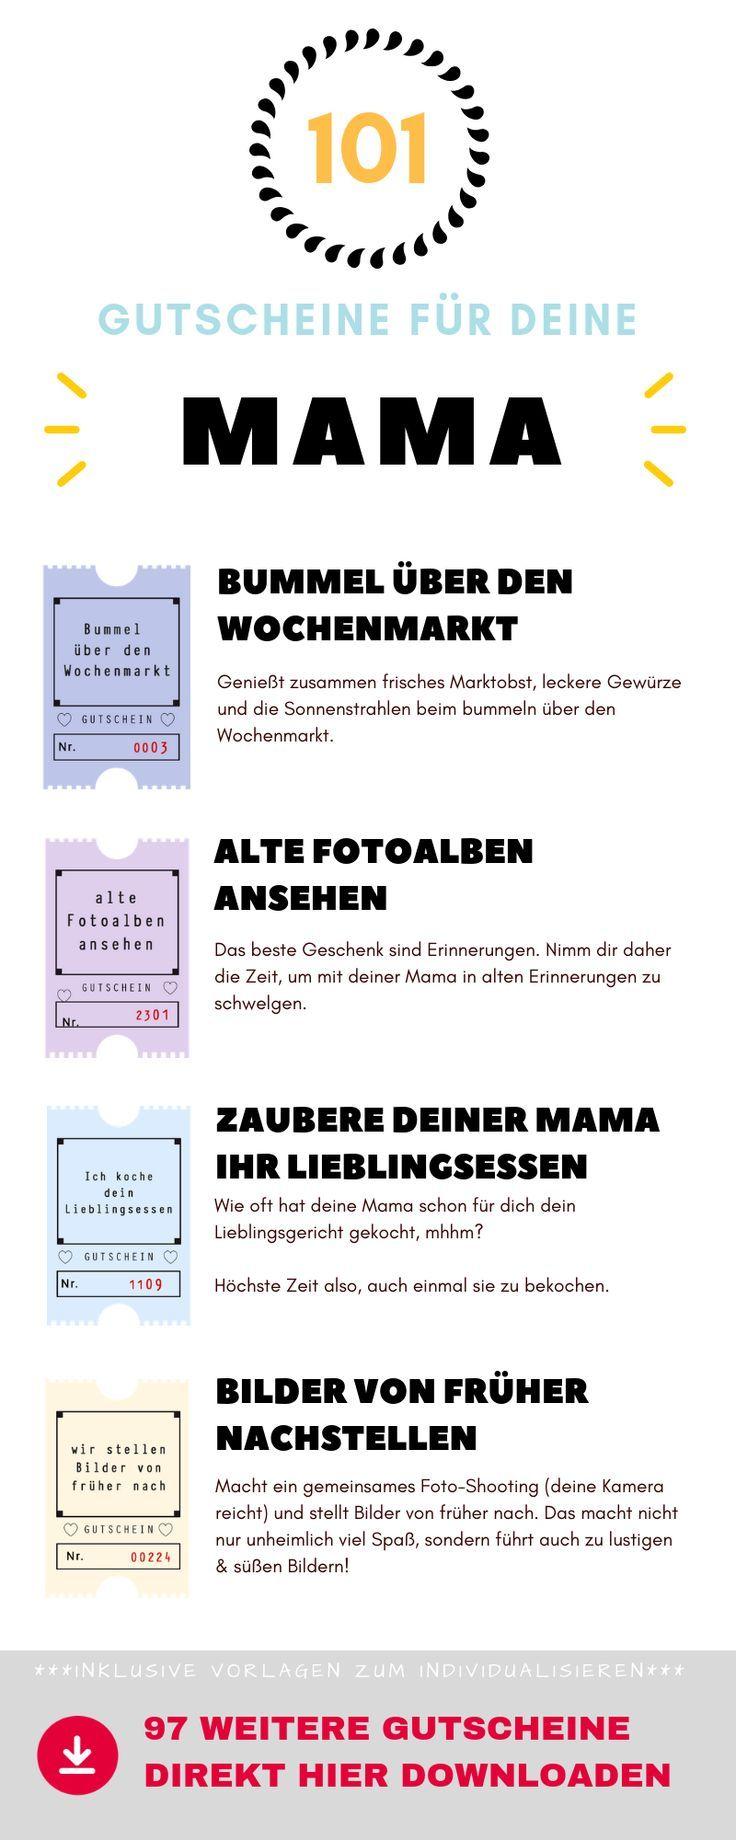 25 101 Gutscheine Fur Deine Mutter Ideen Vorlagen Und Tipps